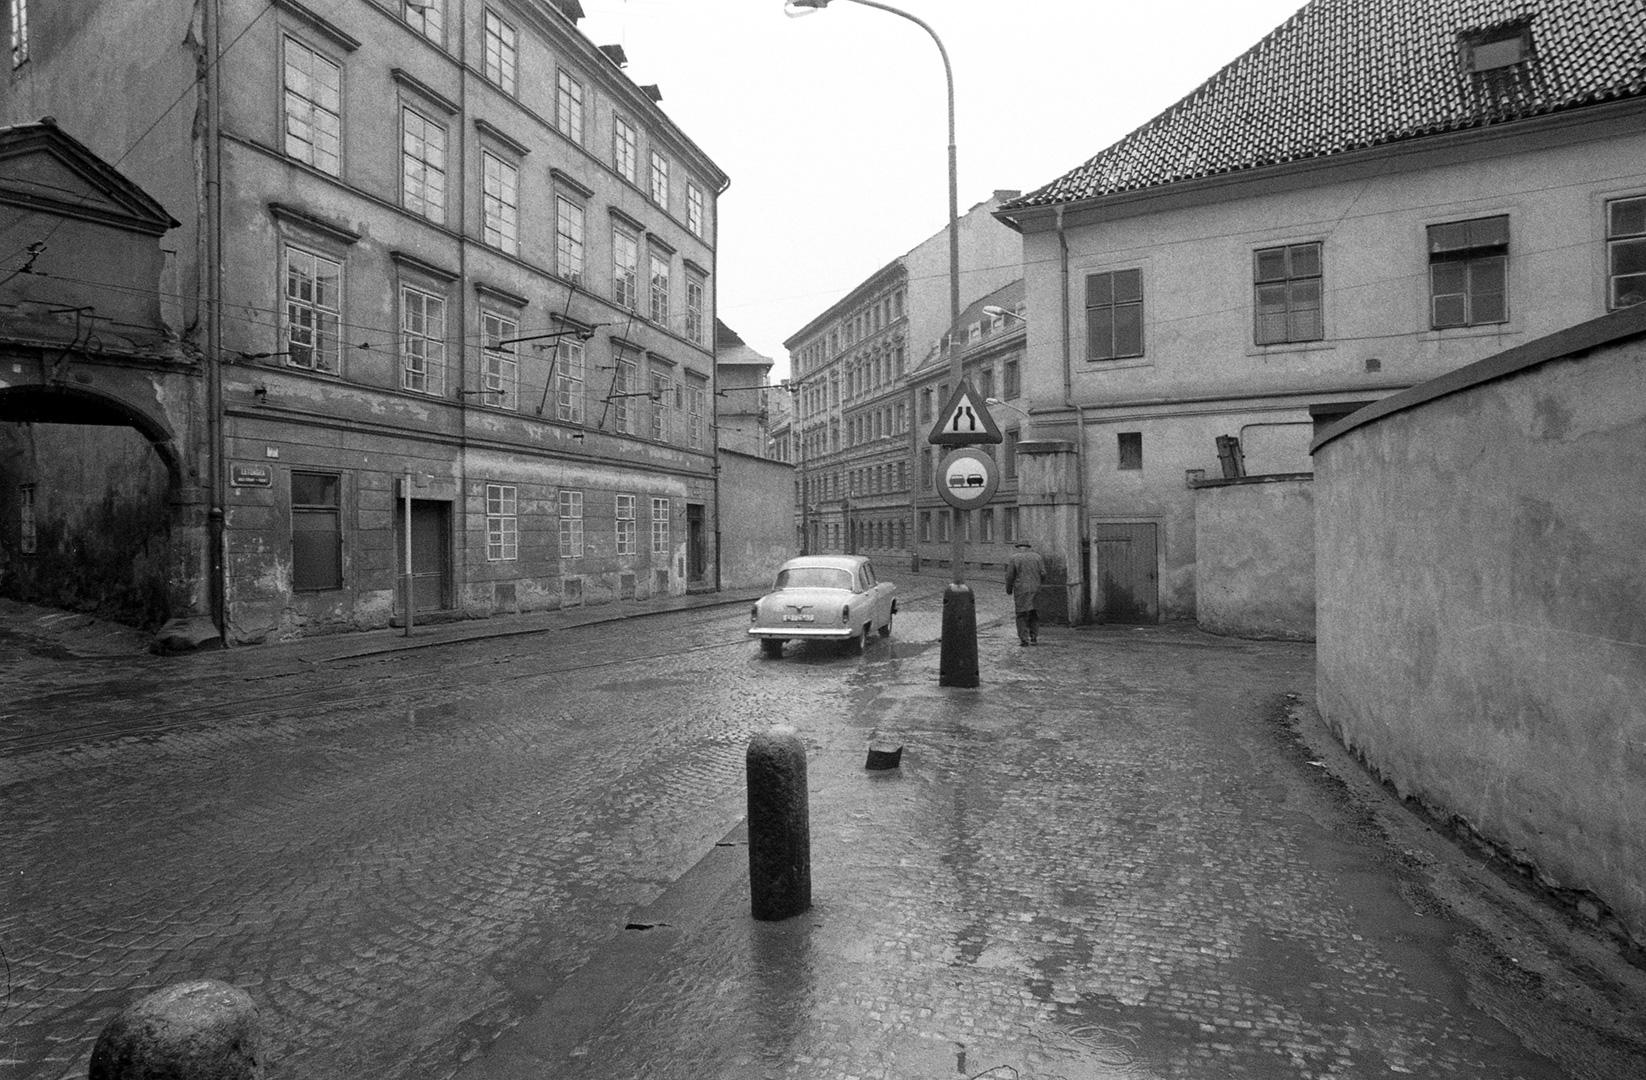 prague-1973_02_Praga-1973-08